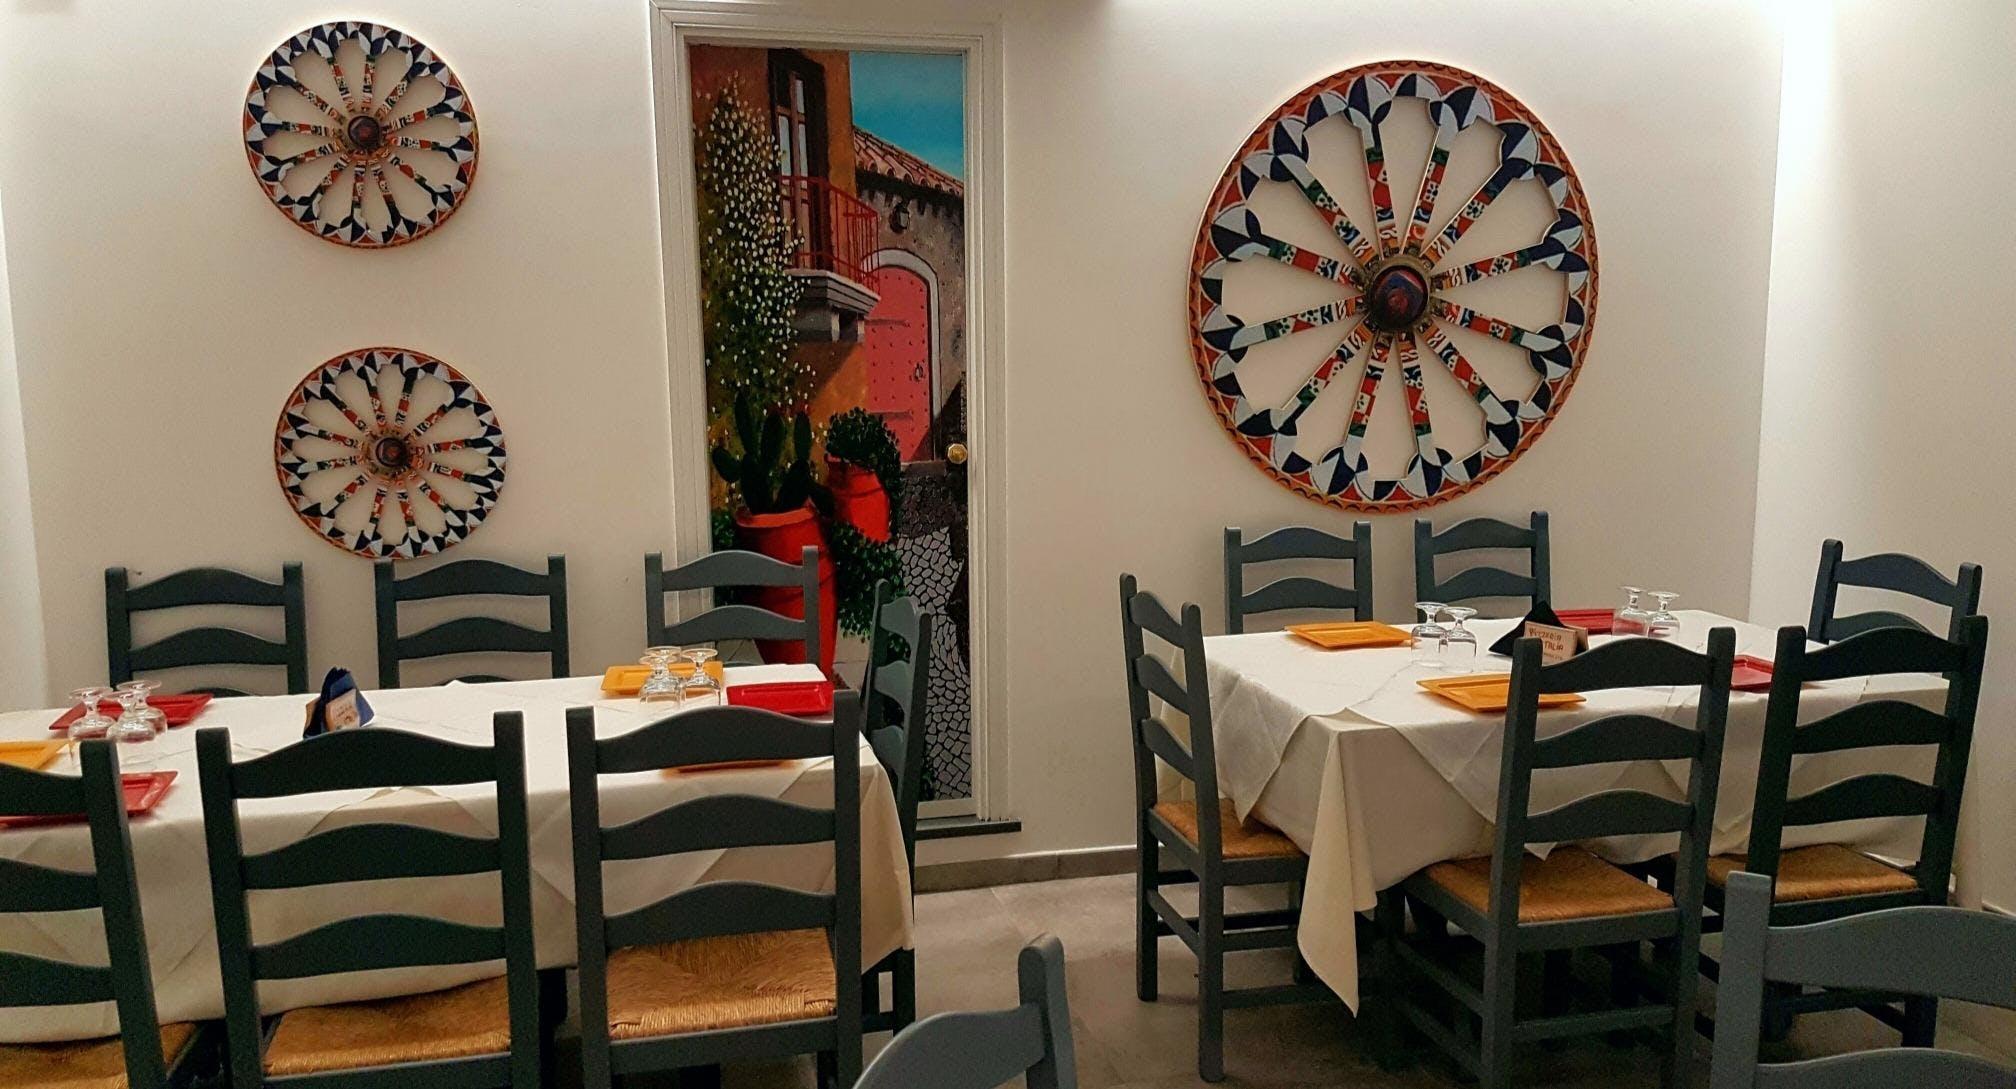 Ristorante Pizzeria Italia Palermo image 1